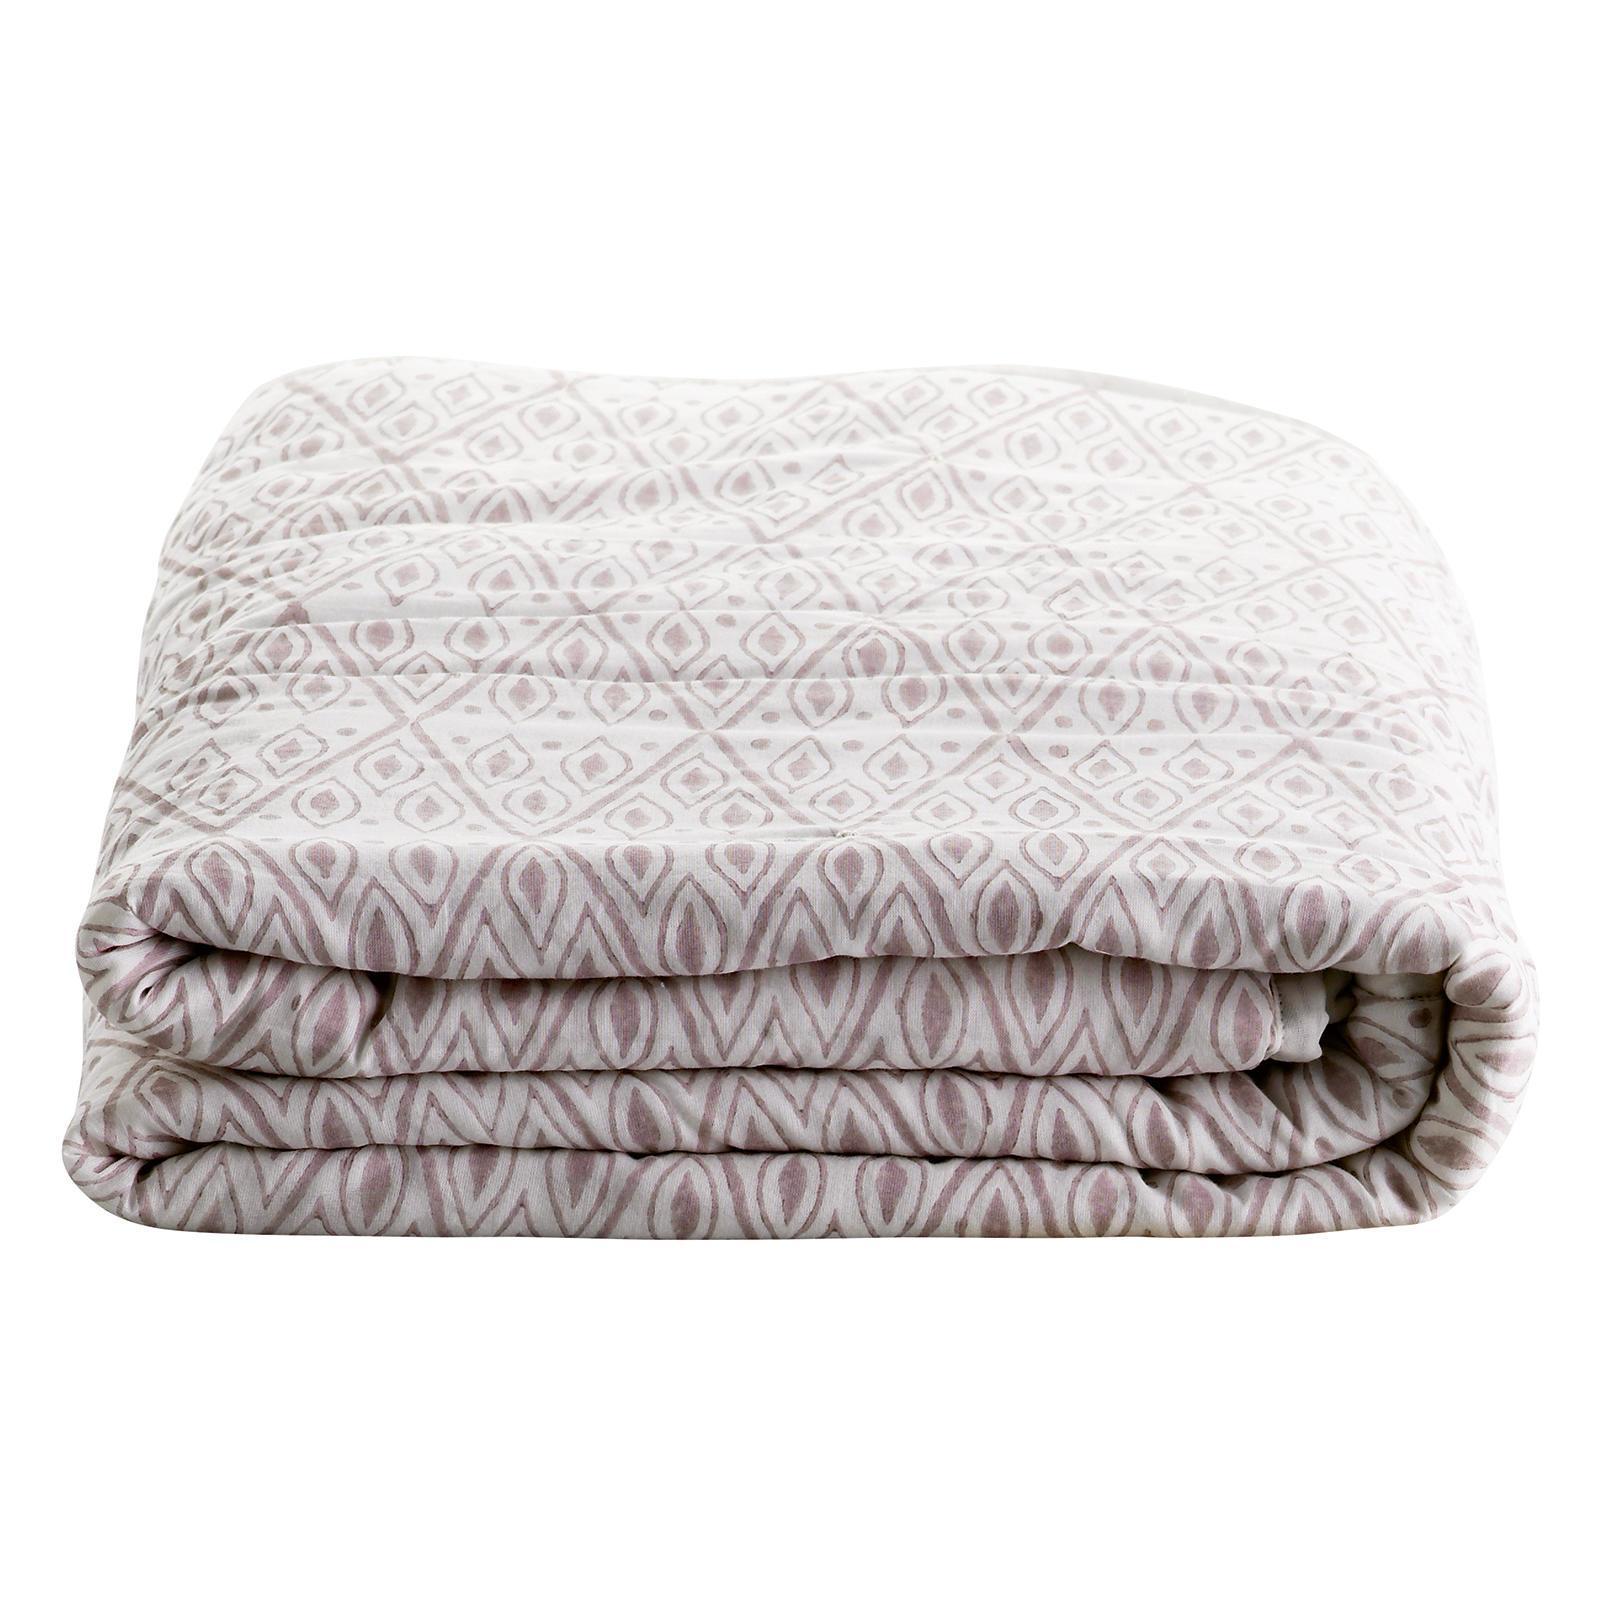 tineKhome Bavlněná deka Nude Eye 135 x 200 cm, růžová barva, bílá barva, textil